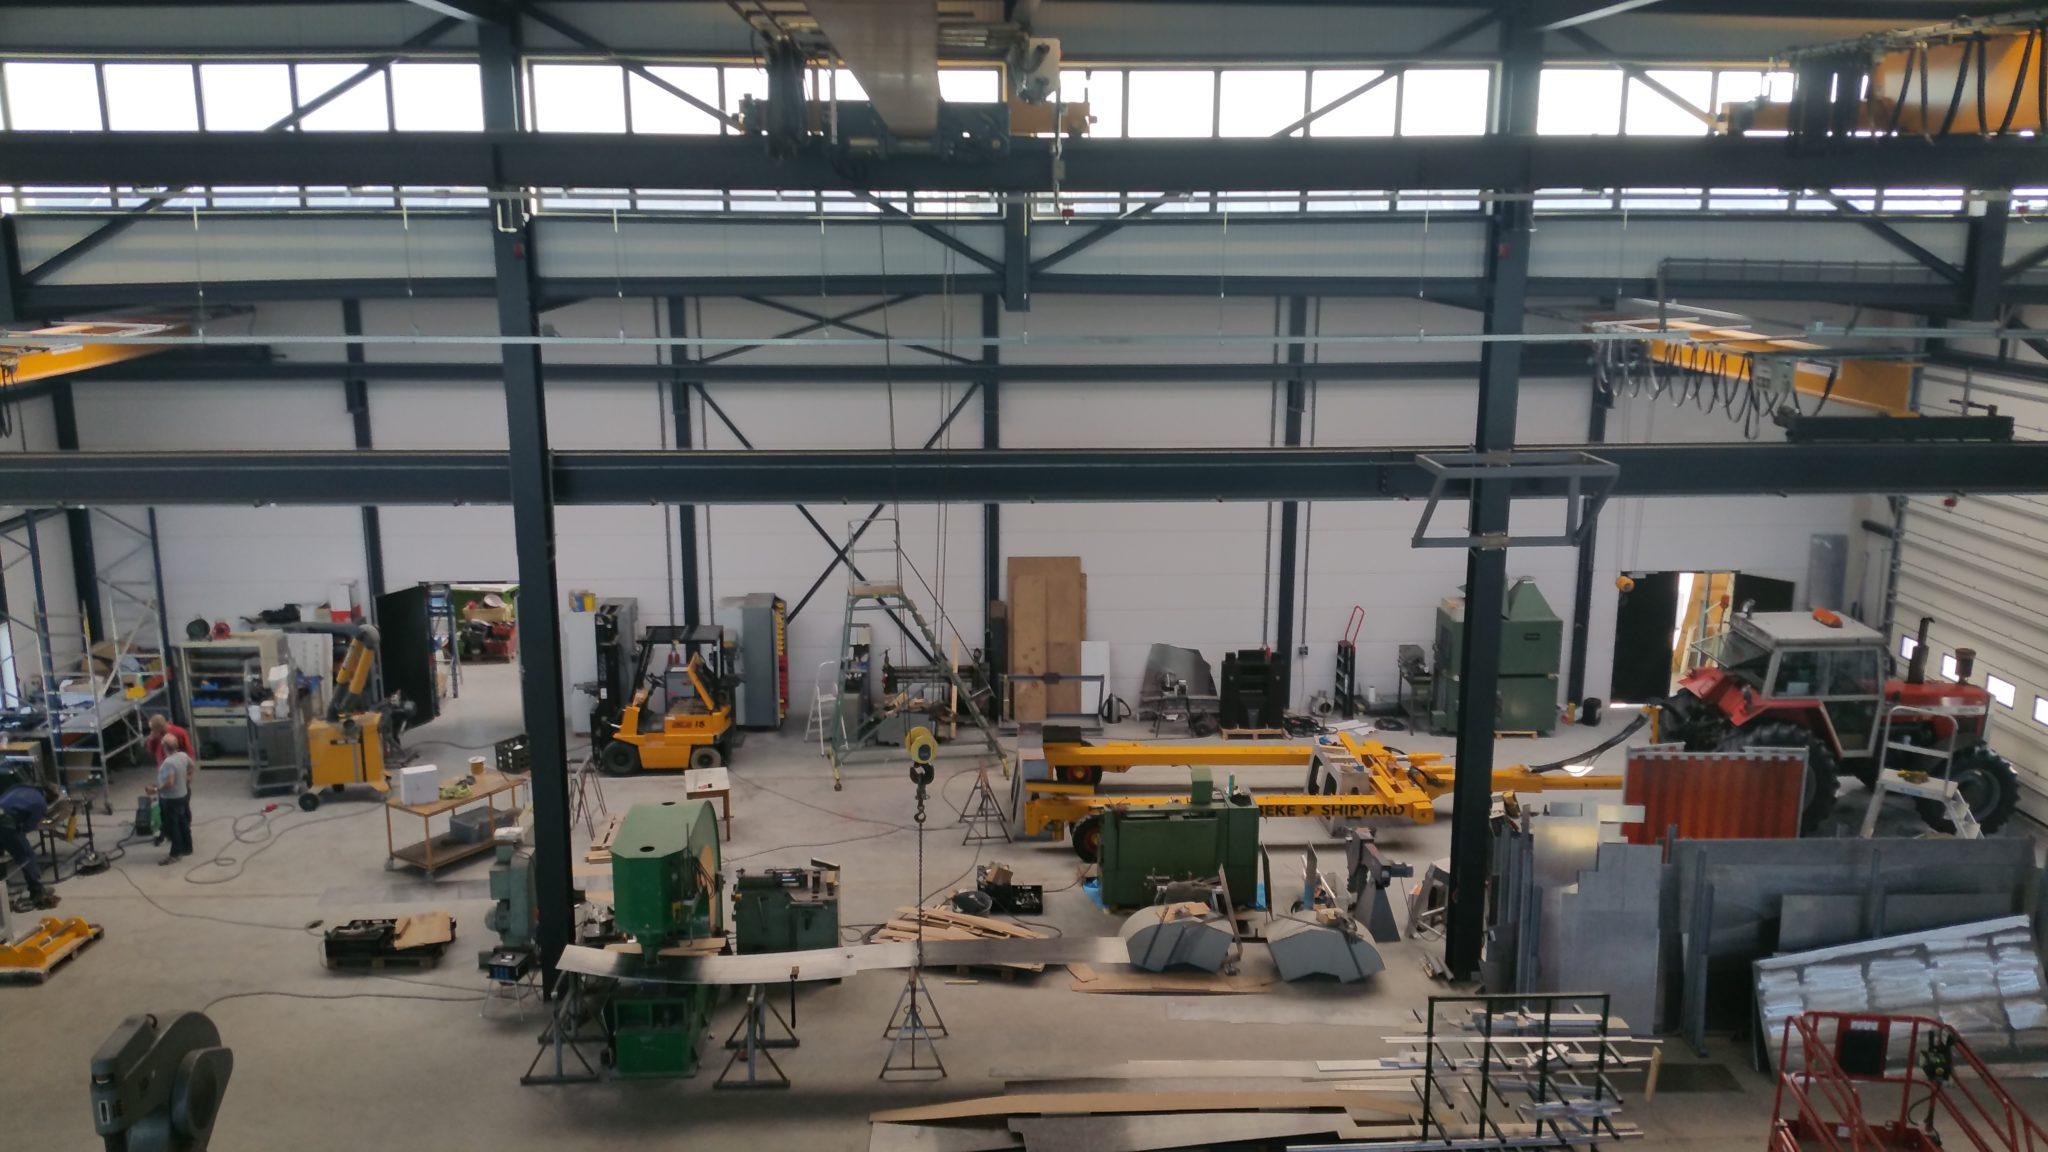 Ooms - Nieuwbouw Bedrijfsruimte En Kantoor Habbeké Shipyard